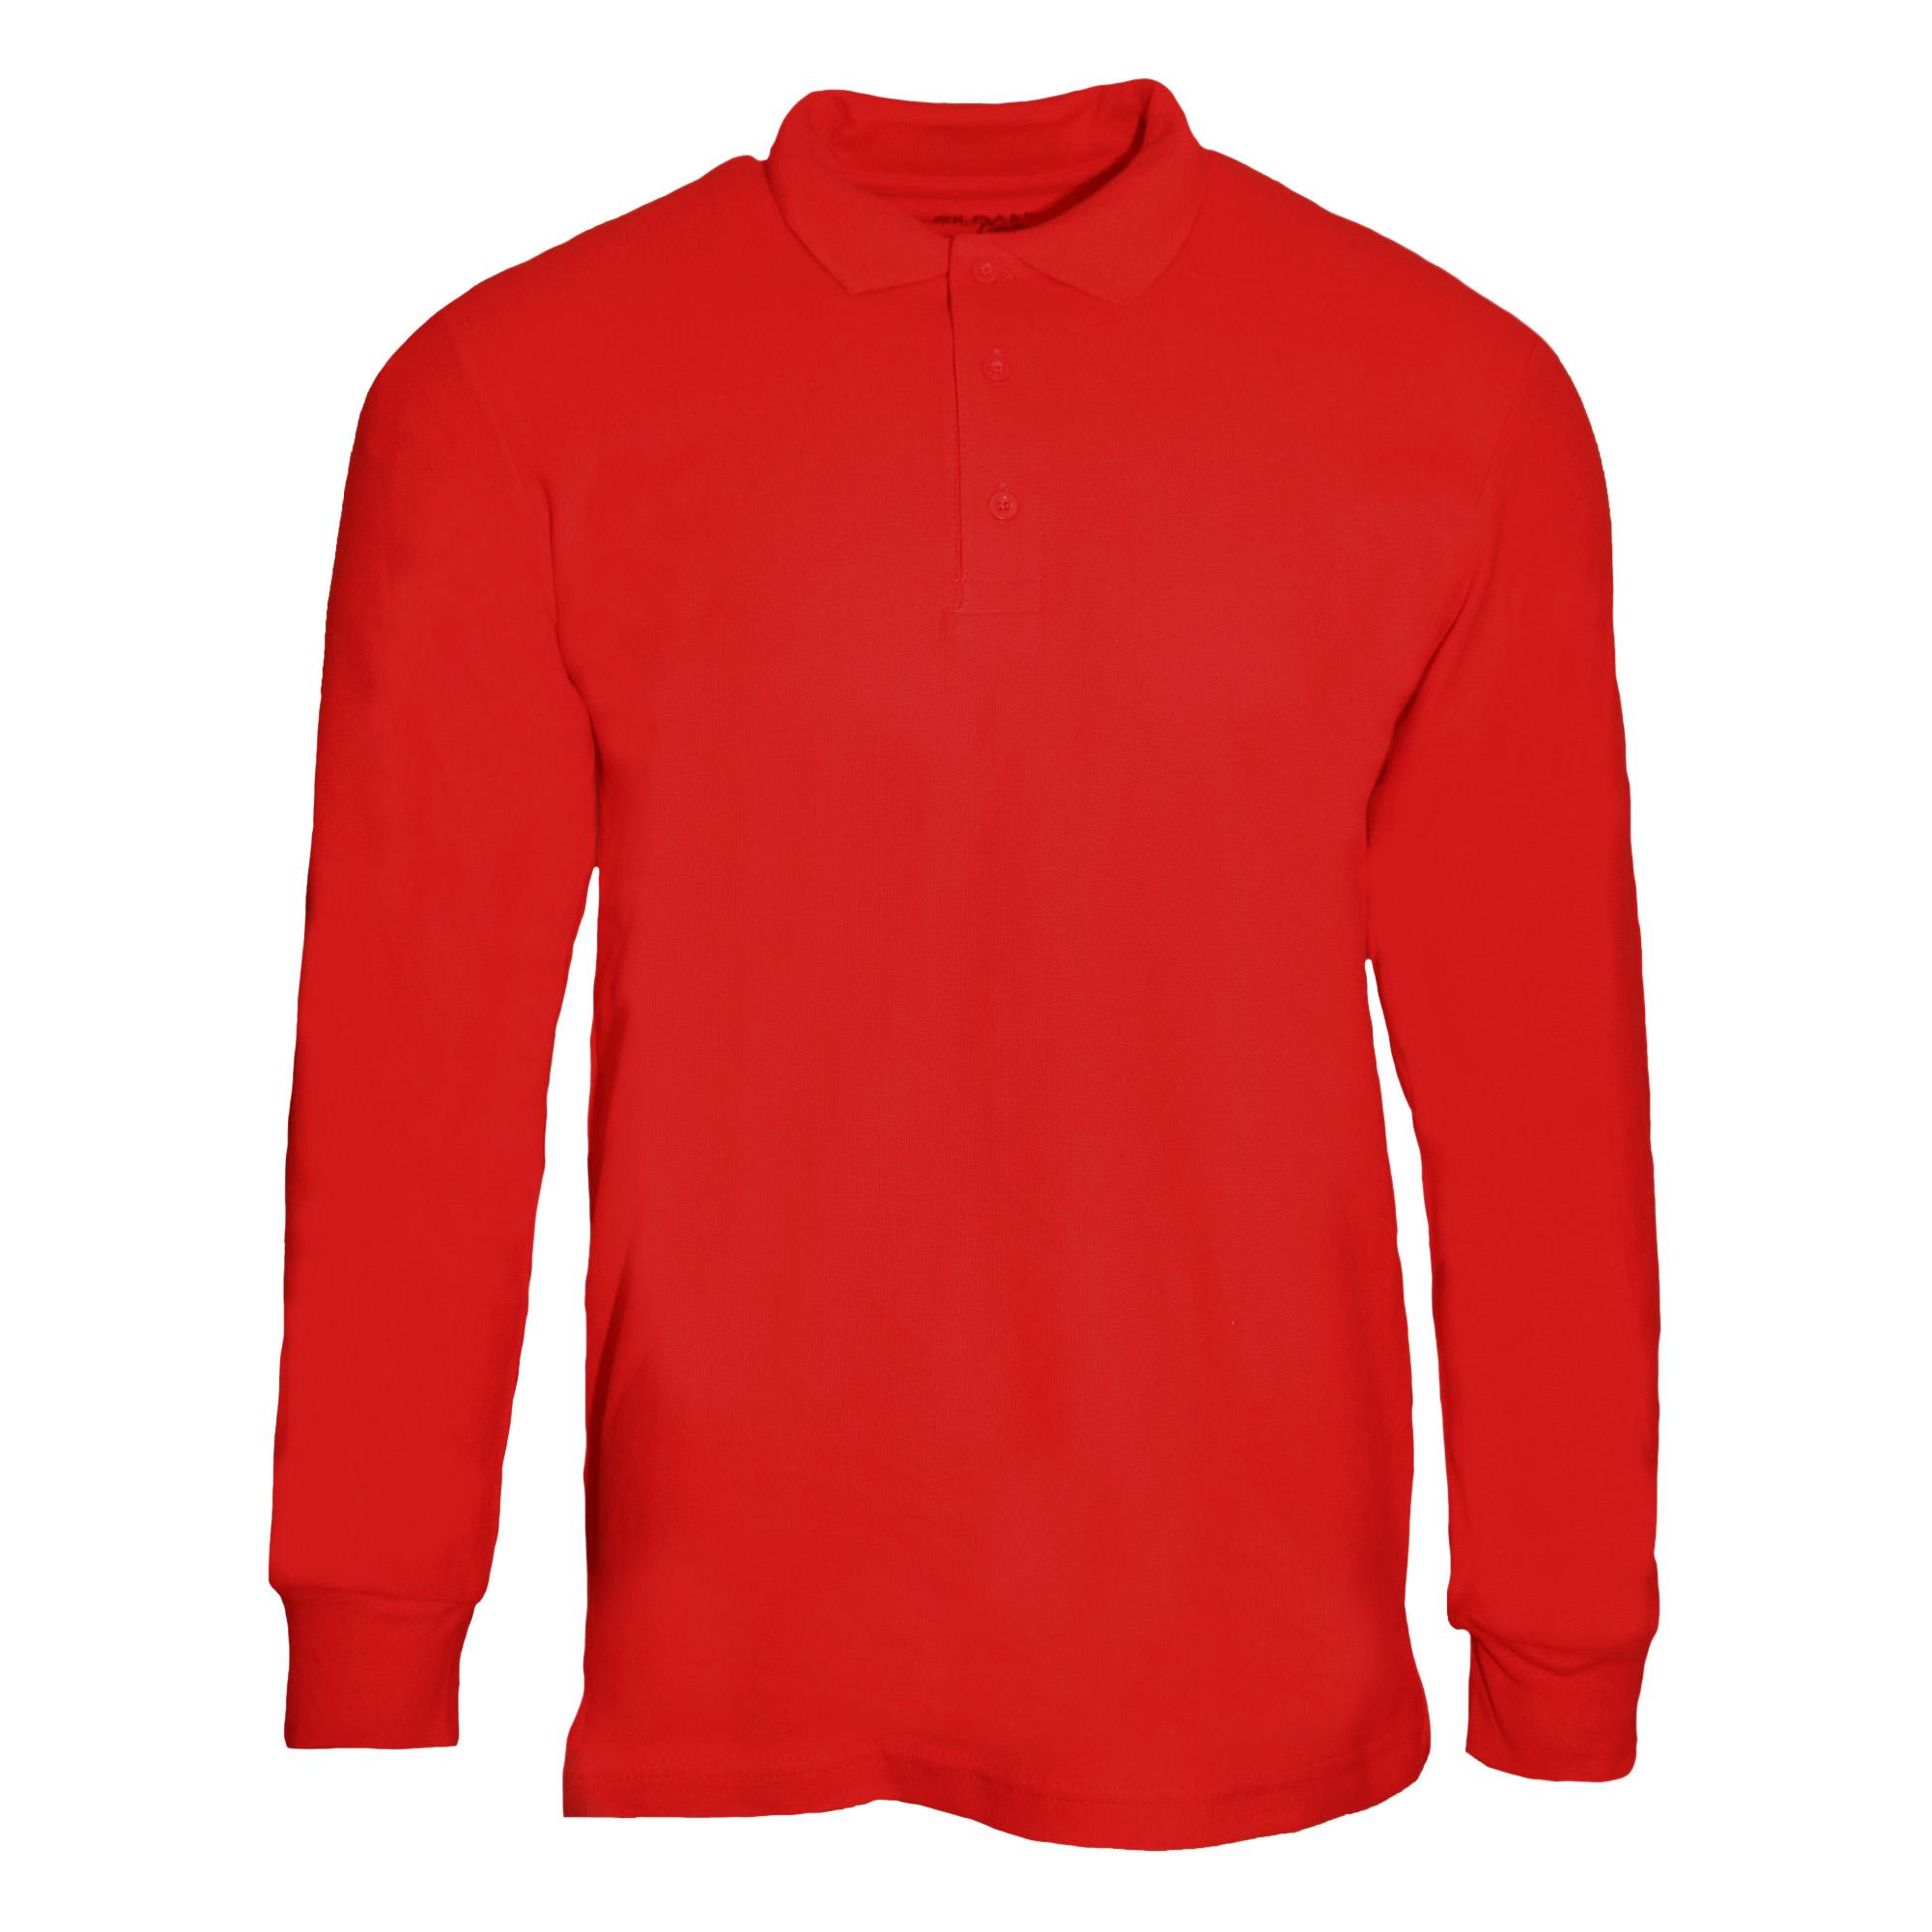 Gildan Mens Long Sleeve Premium Cotton Double Pique Polo Shirt Black S Utrw4740 5